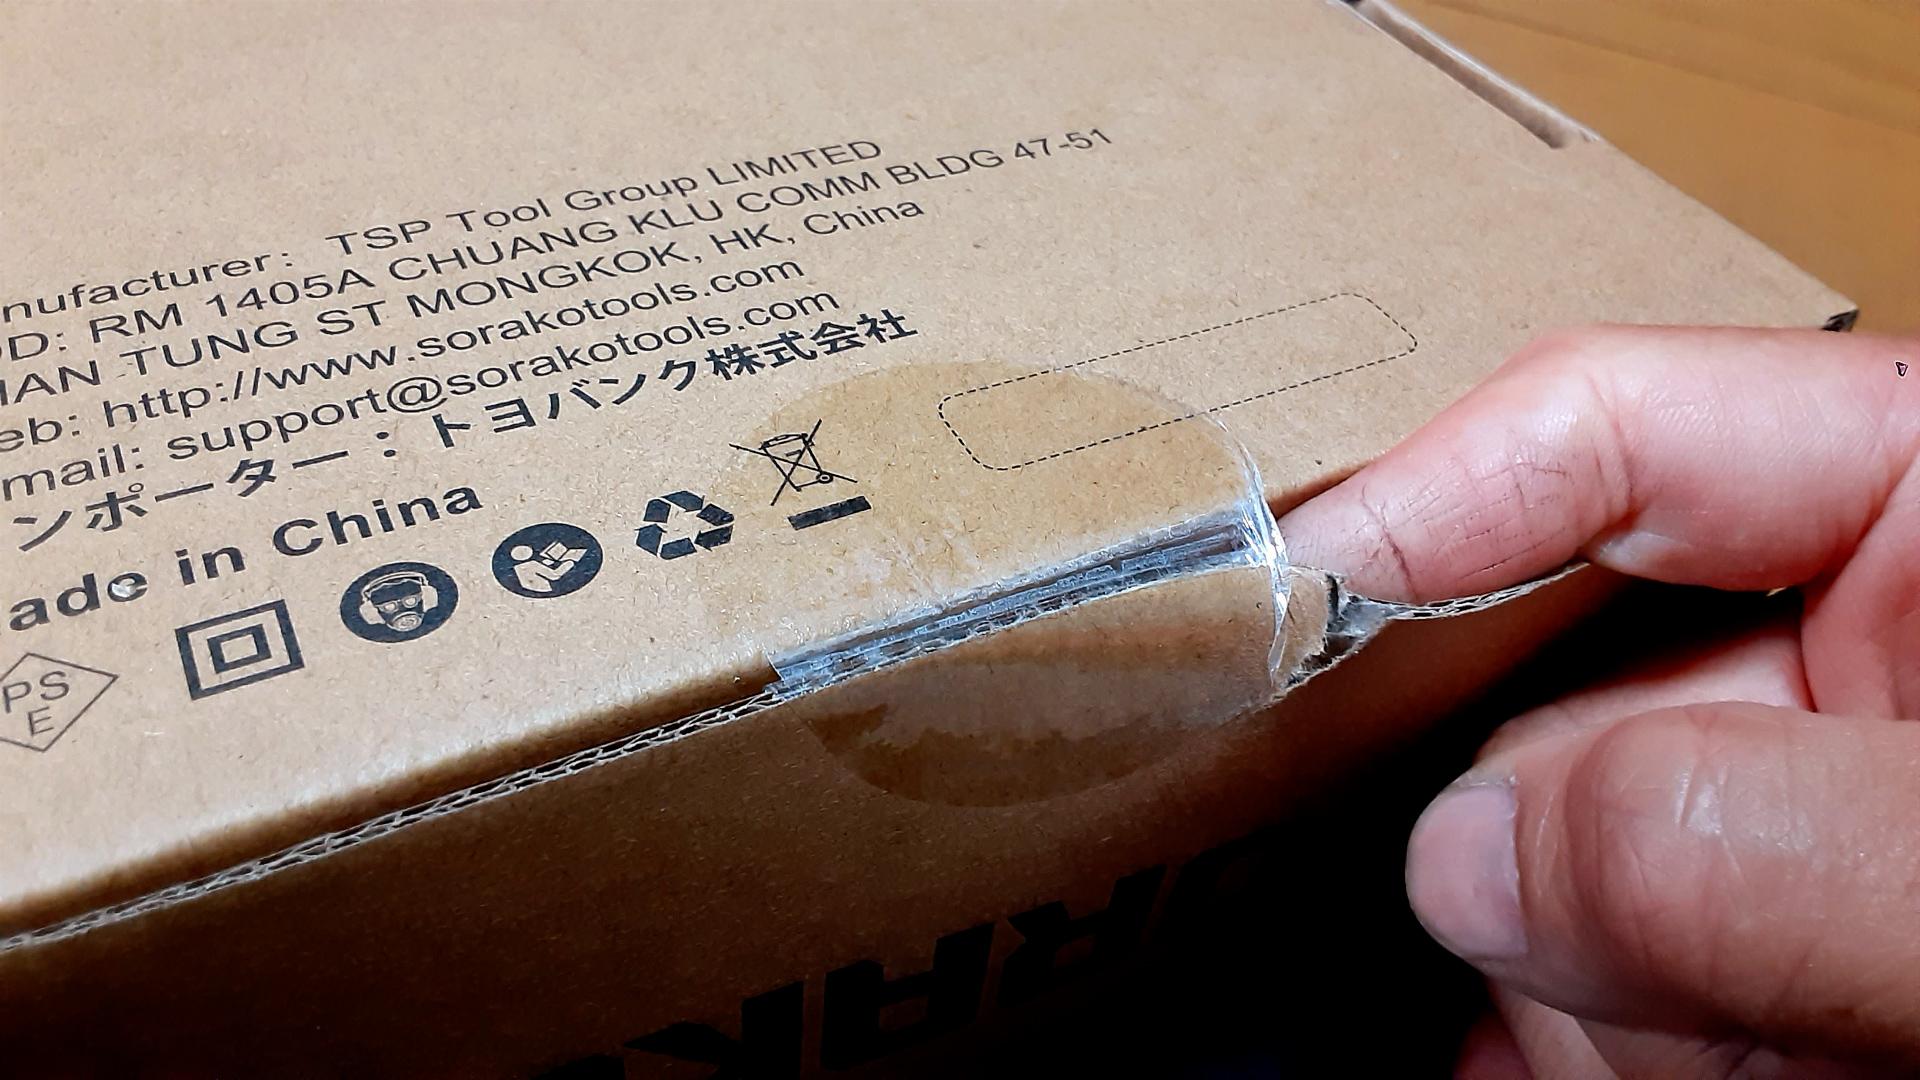 とても剥がしづらいシール。大陸製の製品の箱についてきます。